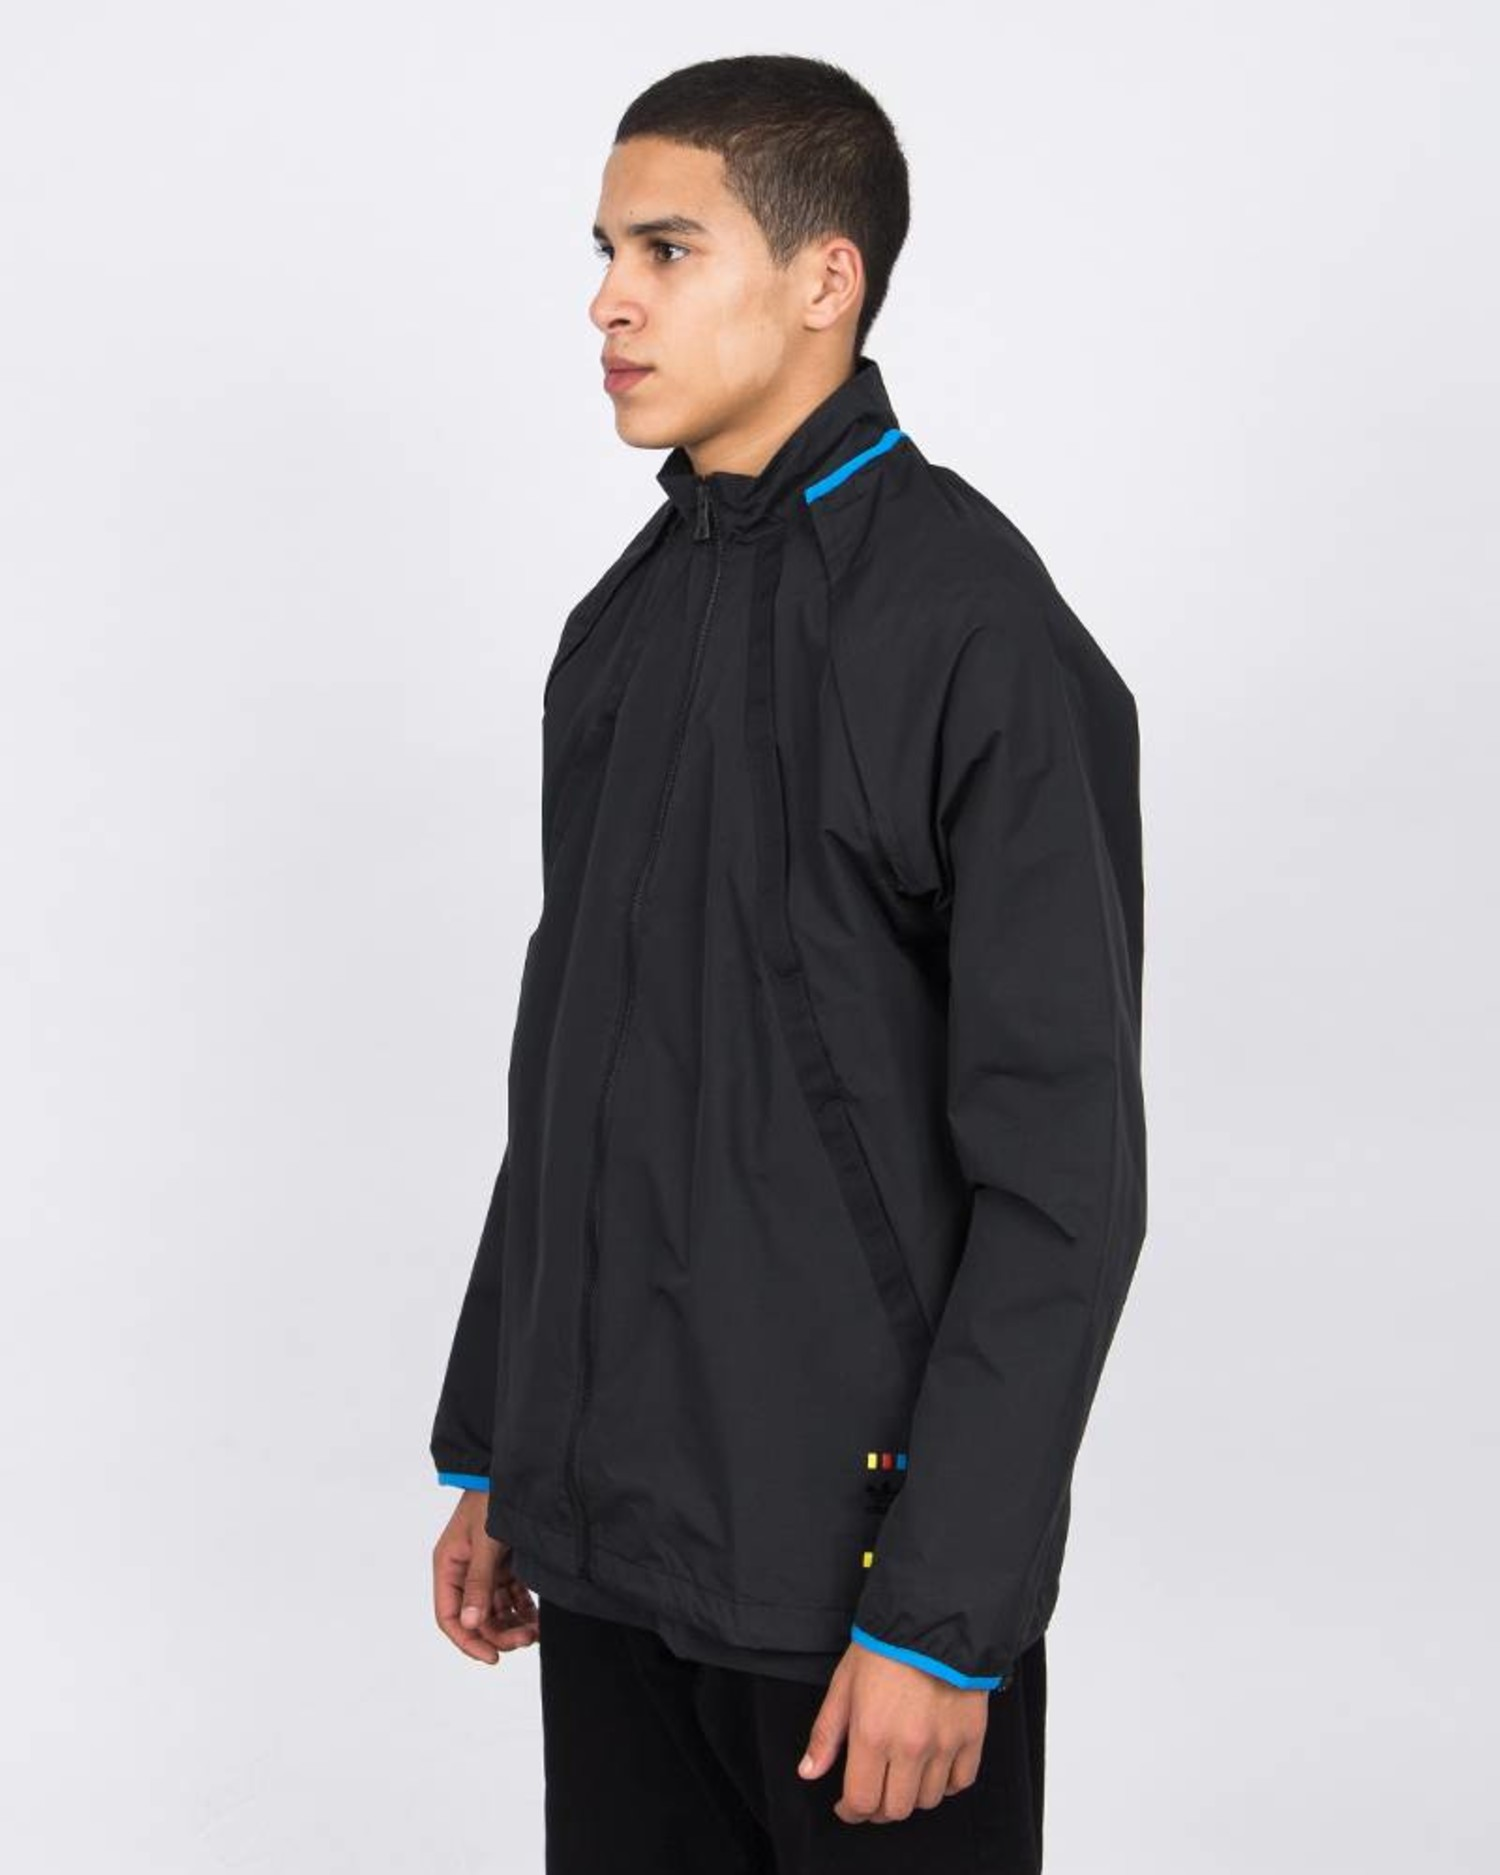 Adidas 72 HR Jacket Black